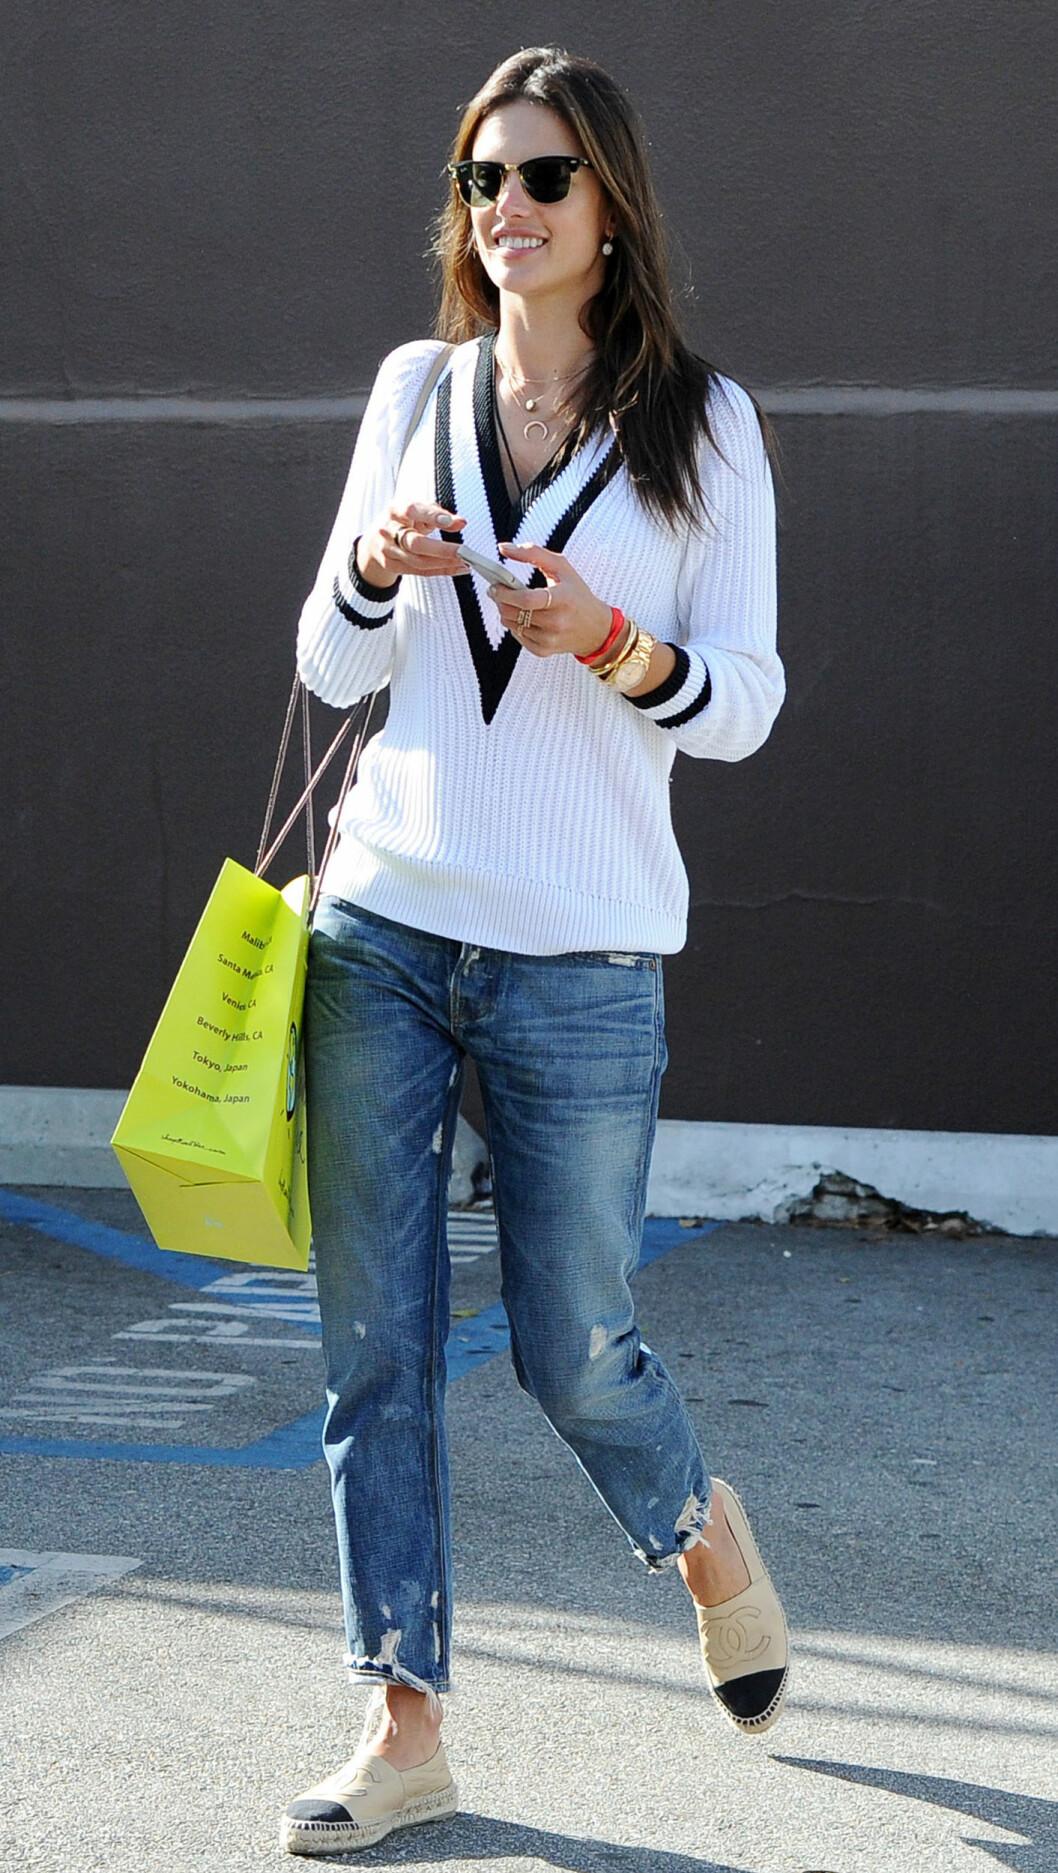 IT-GENSEREN: Supermodell Alessandra Ambrosio er en av flere kjendiser som elsker V-hals-genseren - denne er fra merket Rag & Bone. Foto: All Over Press